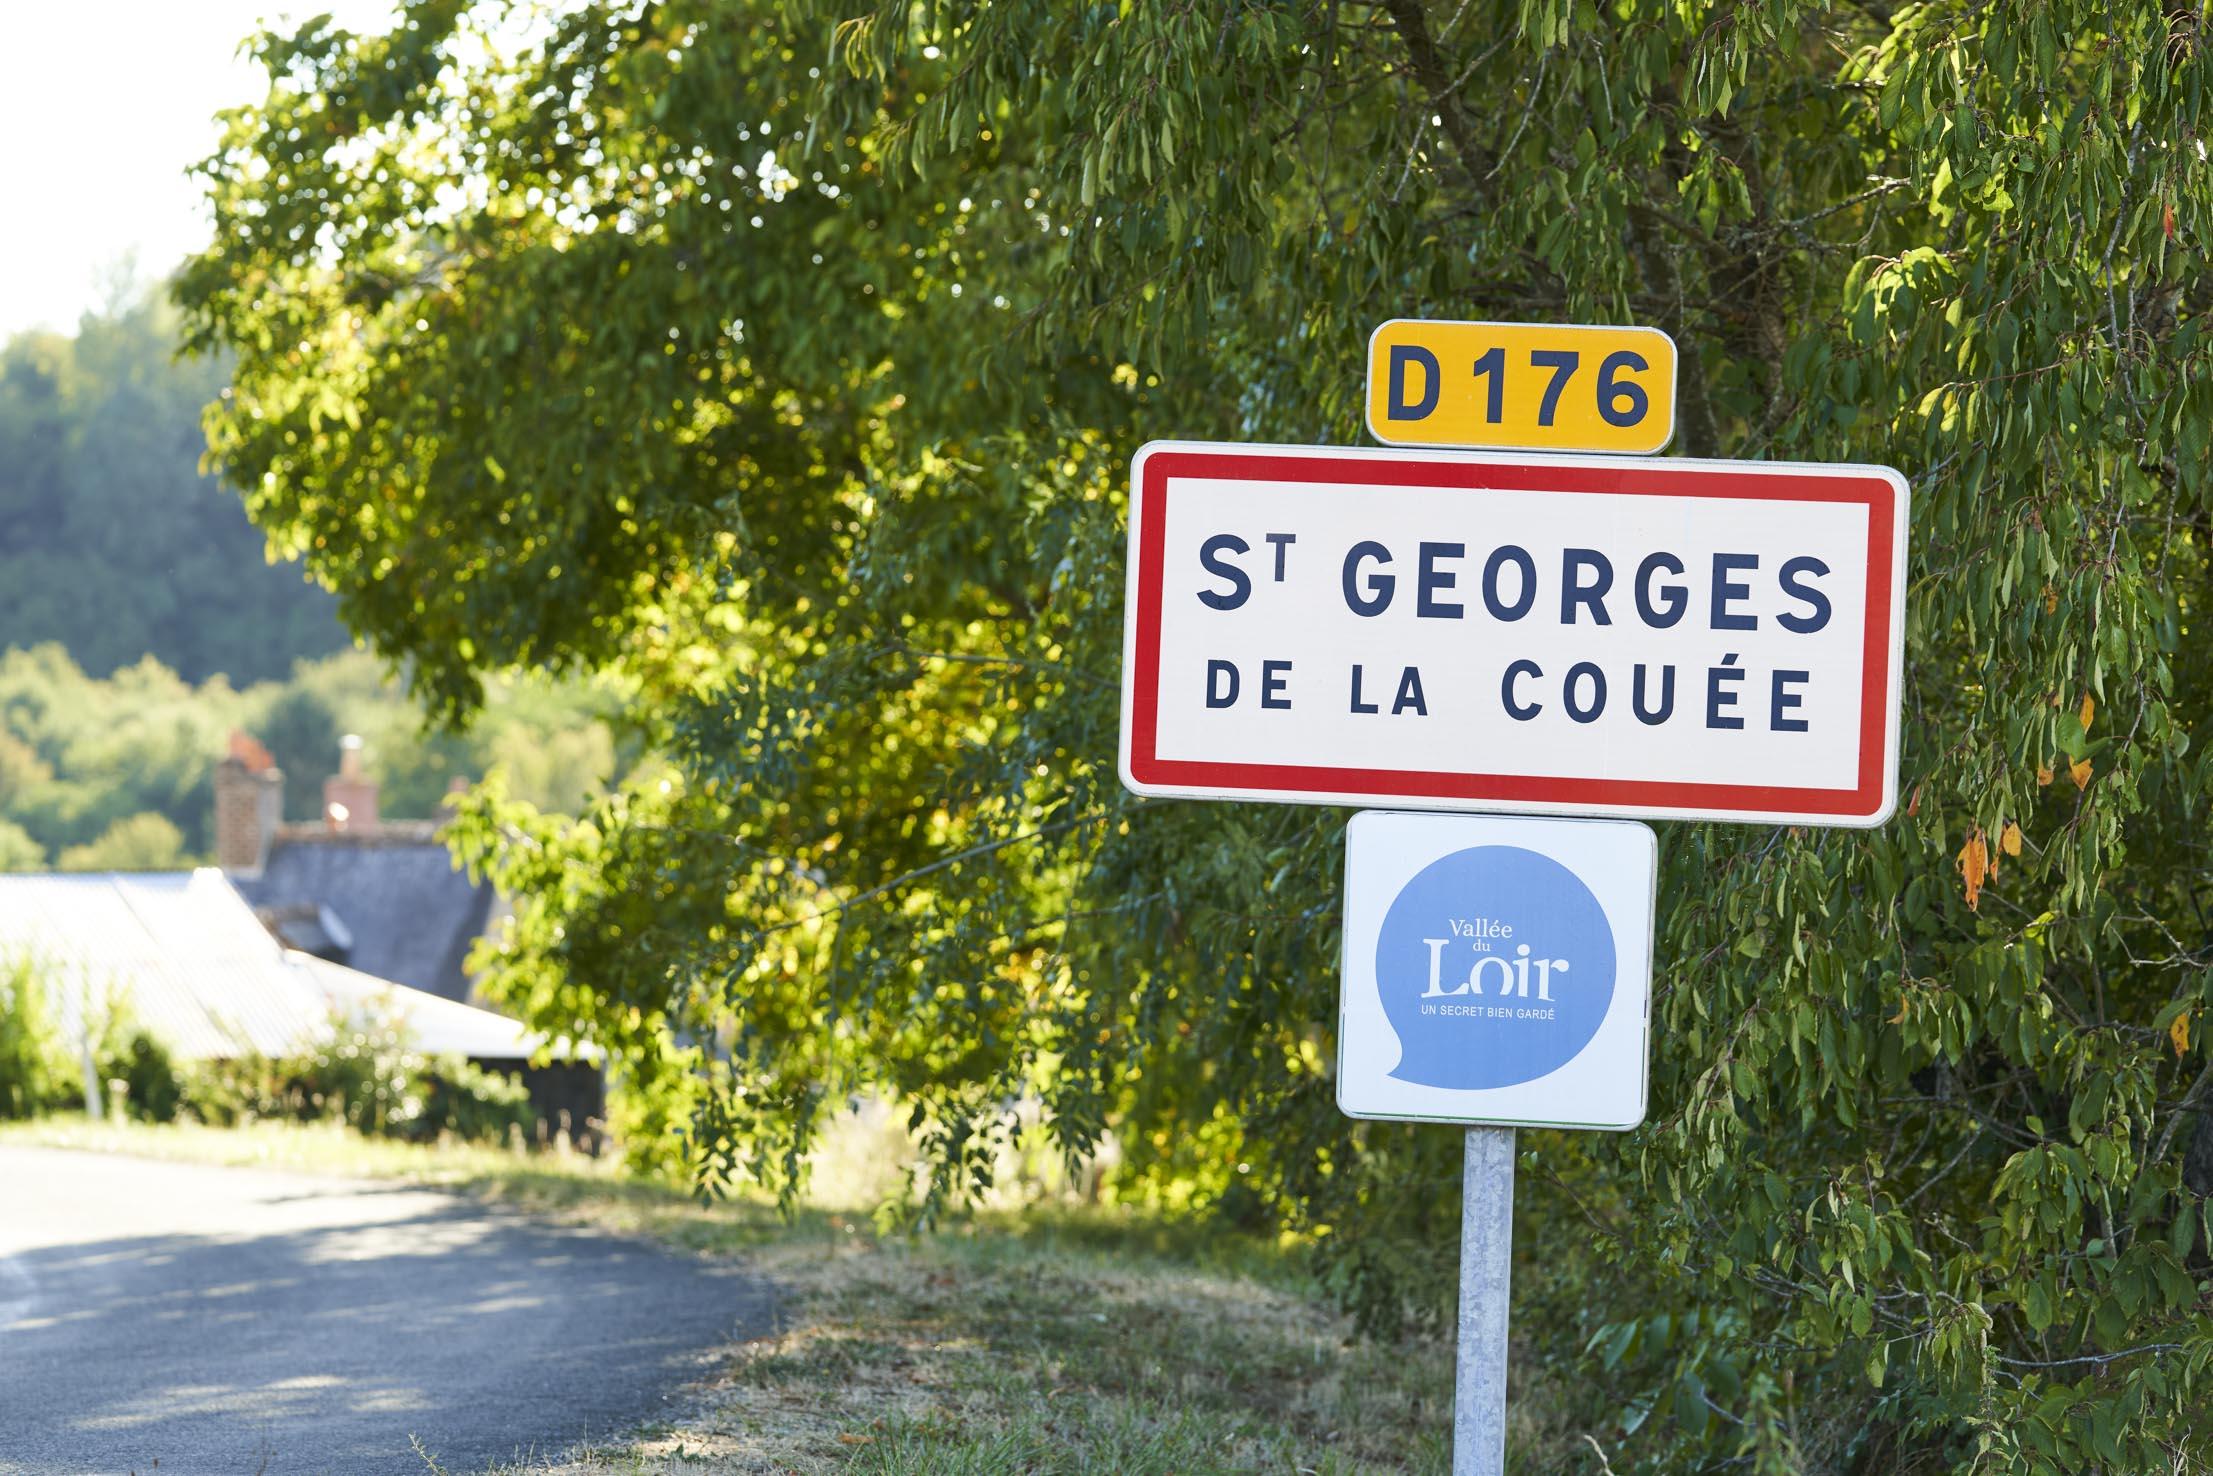 Tourisme en vallée du loir visitez Saint Georges de la Couée - Commune de Sarthe